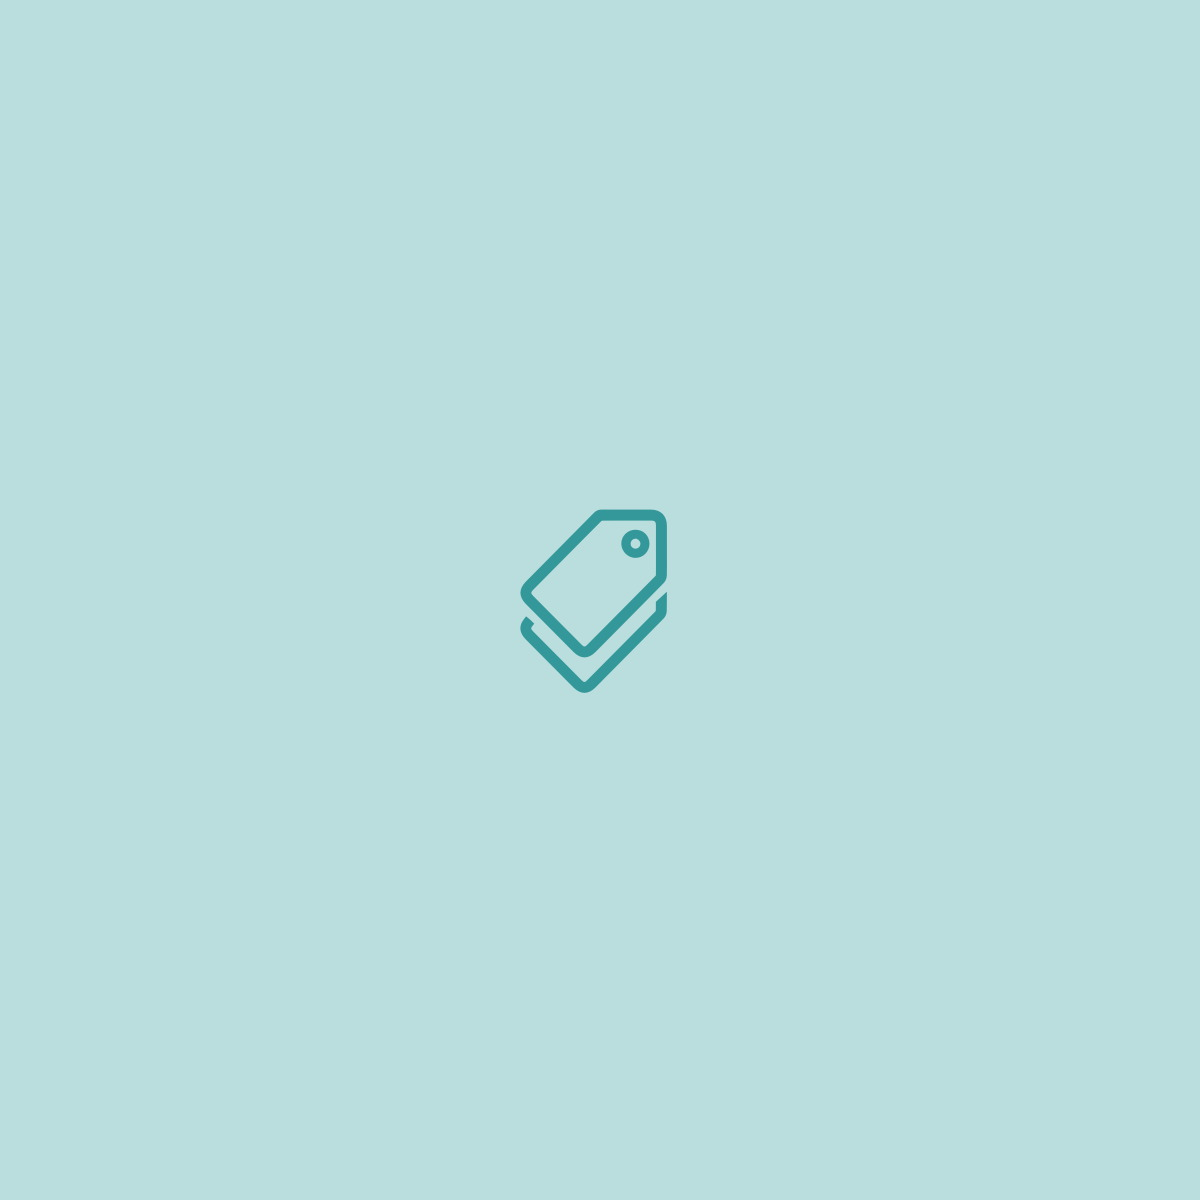 papel de parede 43c4a4 adesivo de cozinha.jpg #A75D24 1173 977